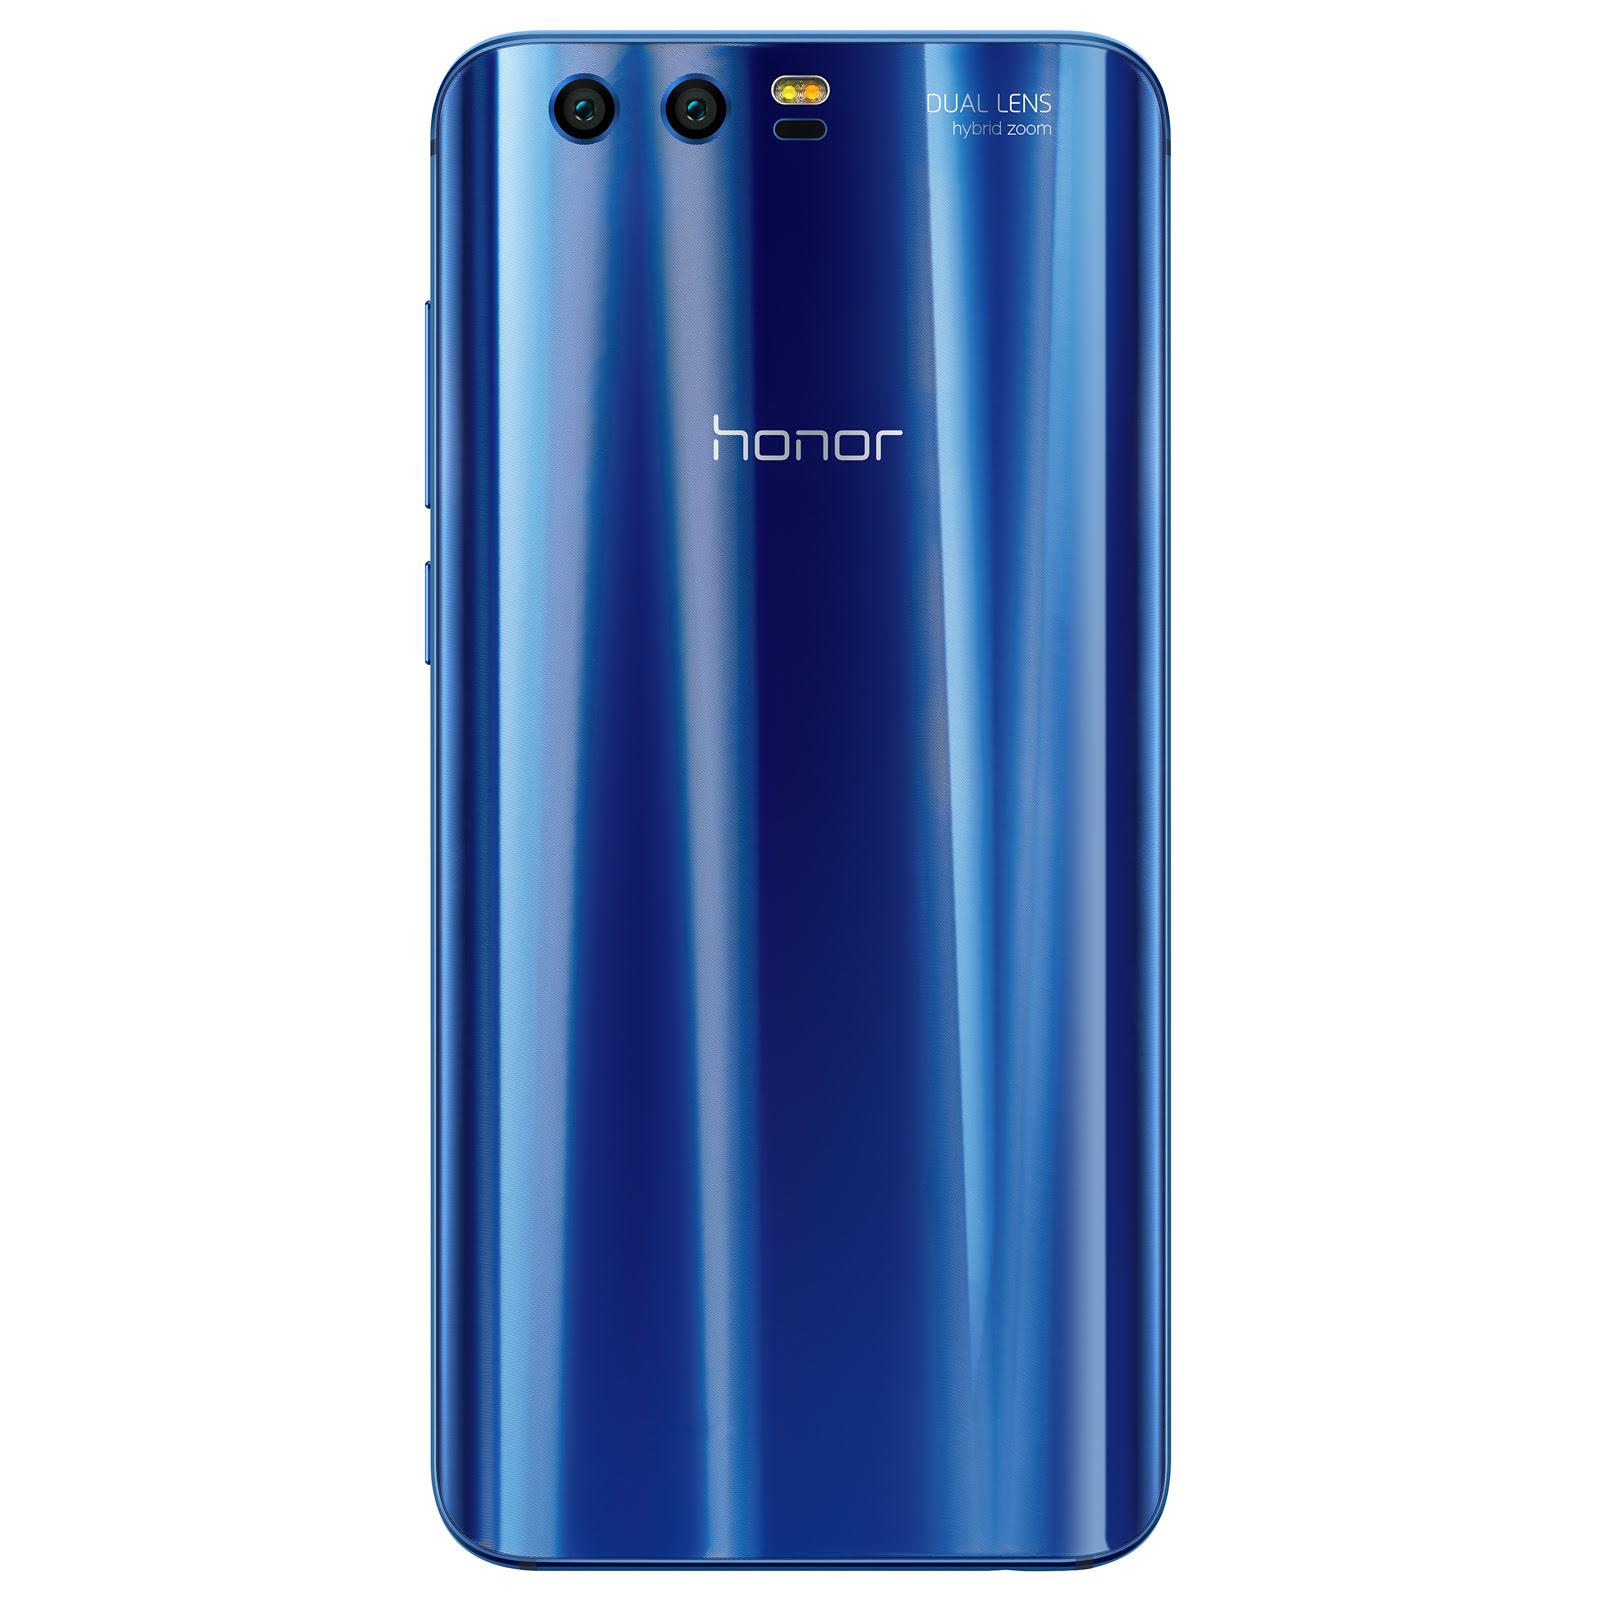 Huawei Honor 9 128Go Bleu - Téléphonie Huawei - Cybertek.fr - 1